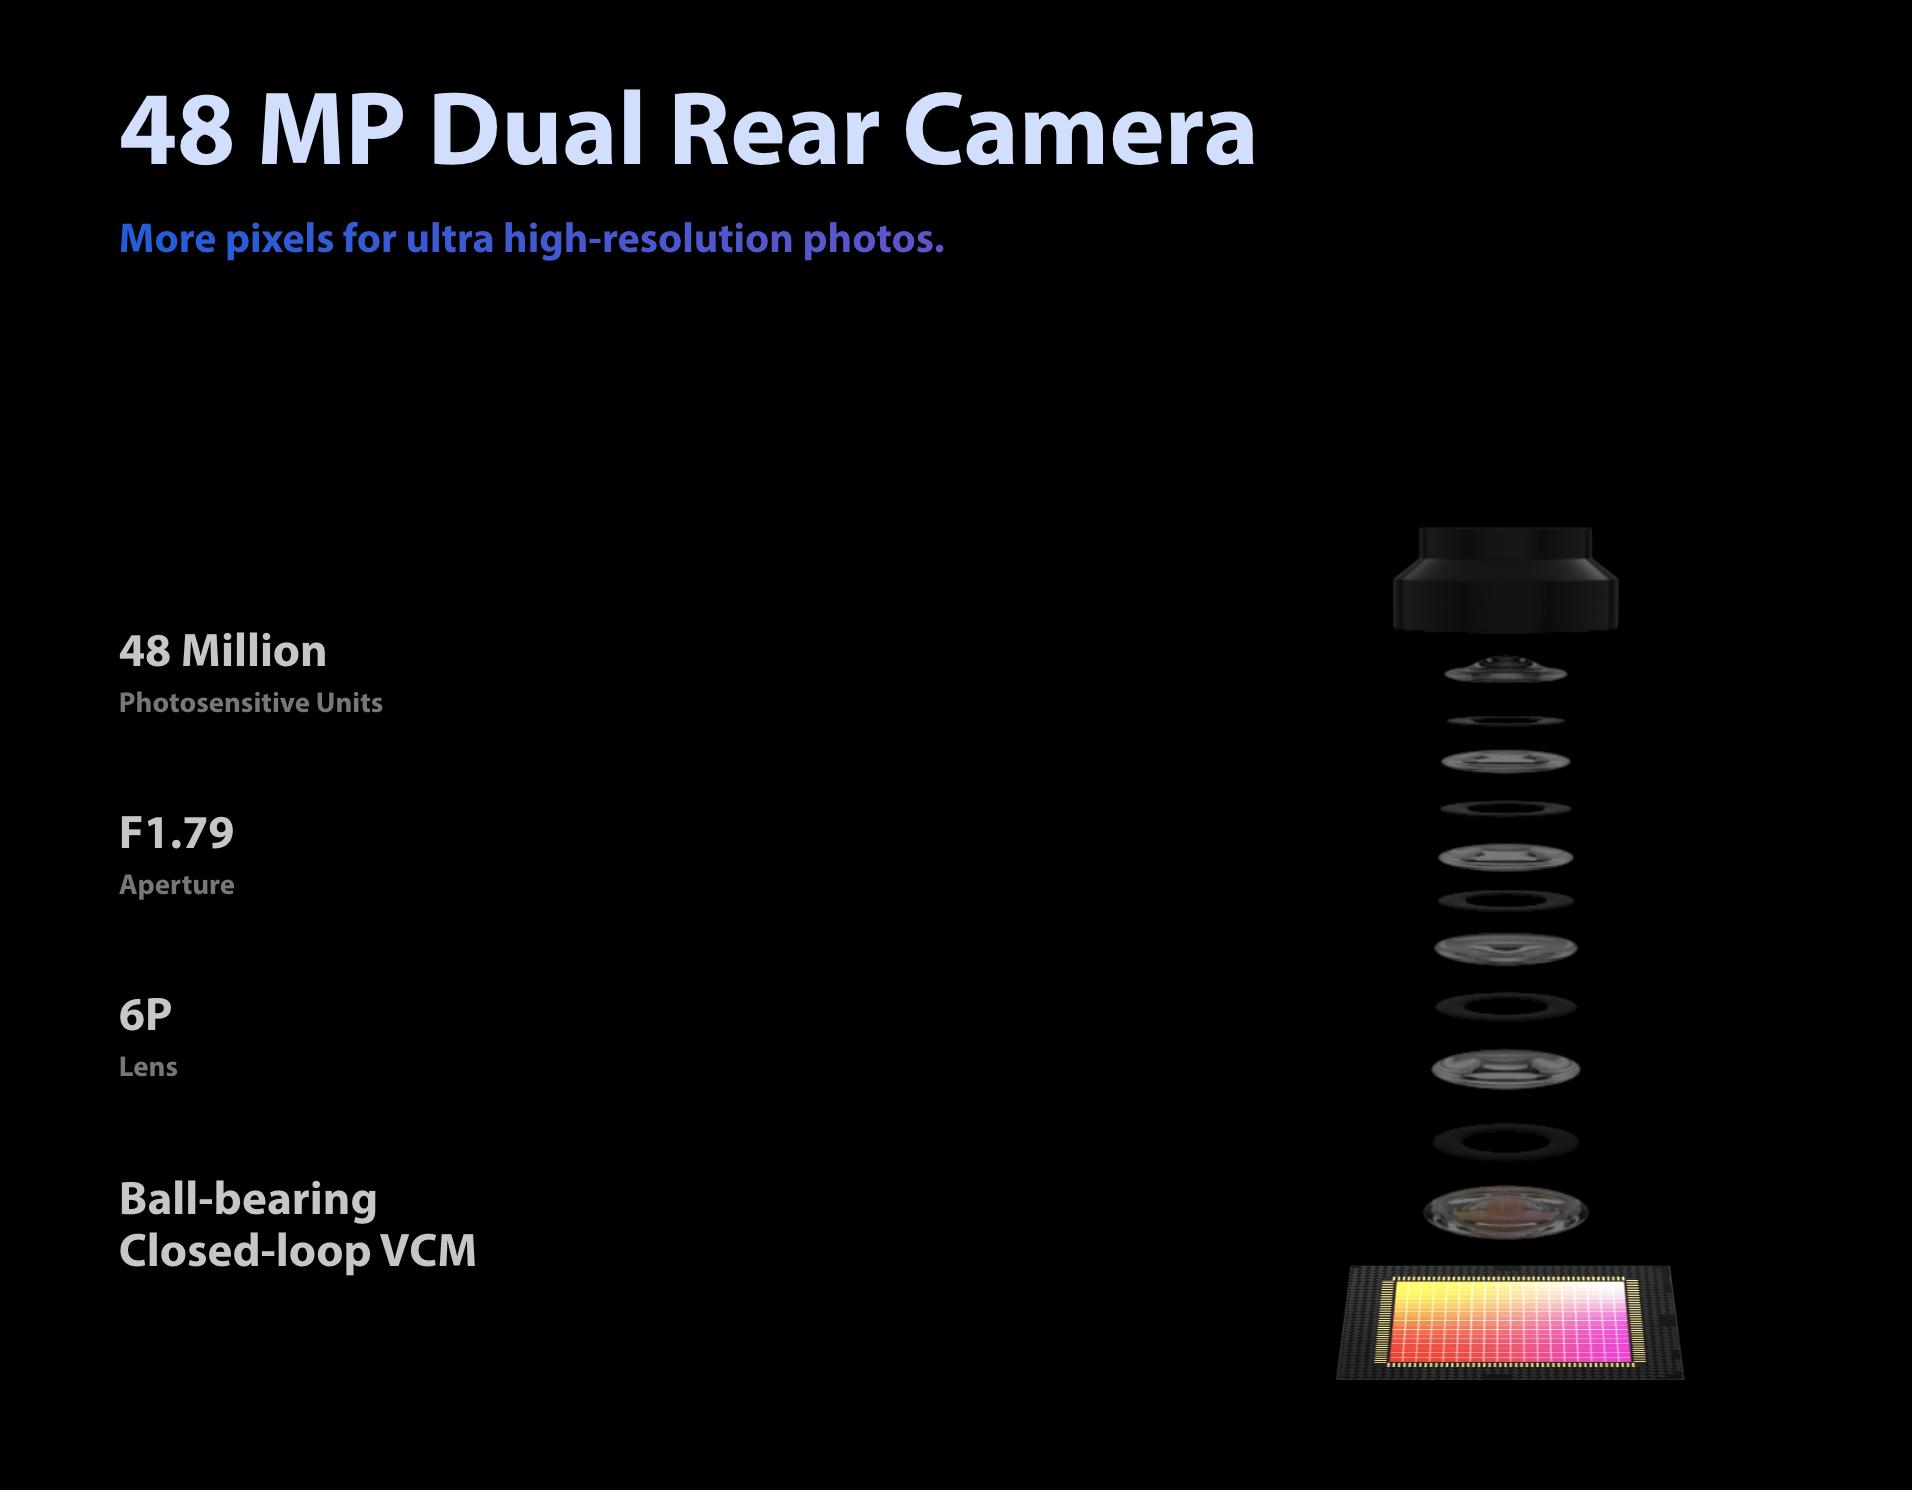 OPPO F11 Proの48MP